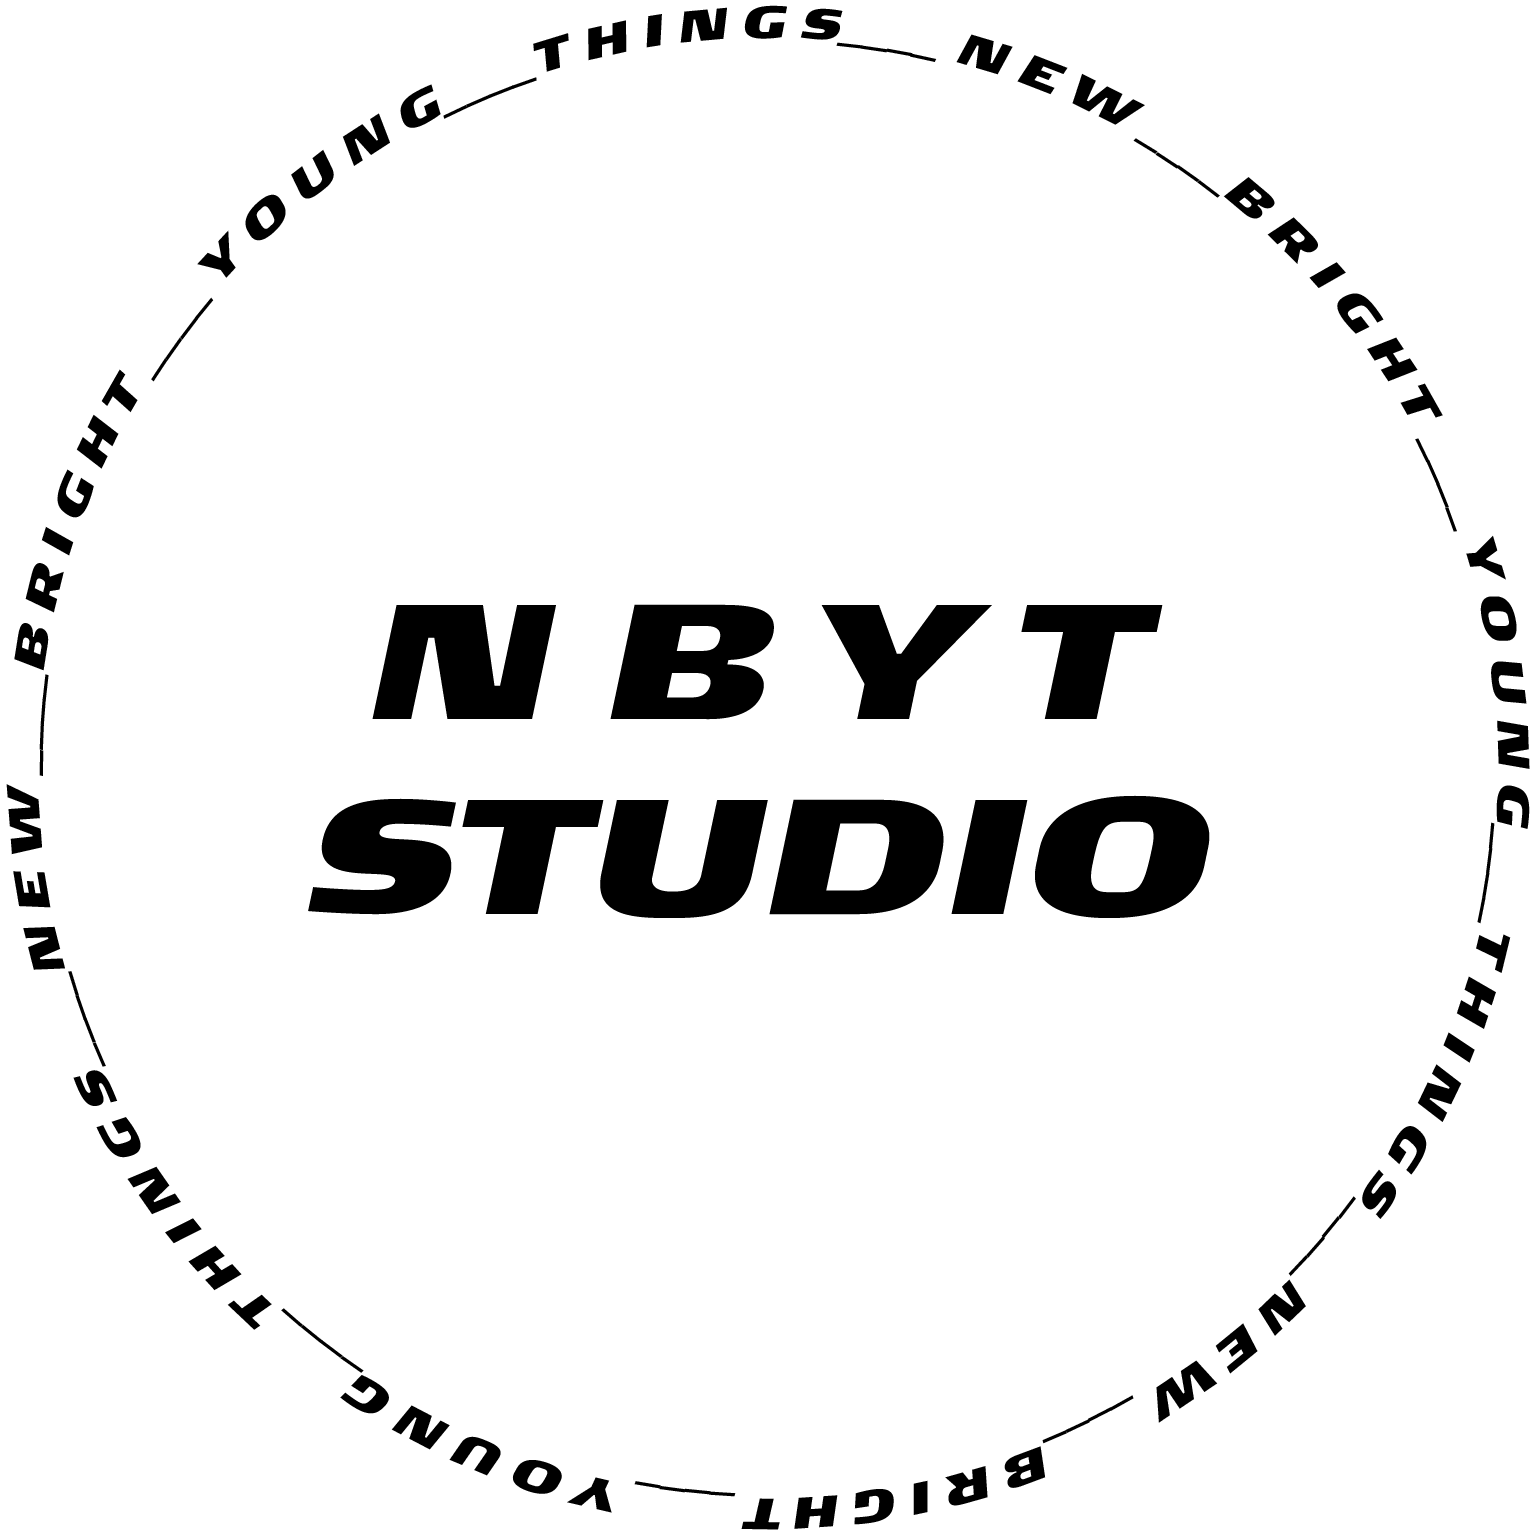 NBYT_Studio Logo